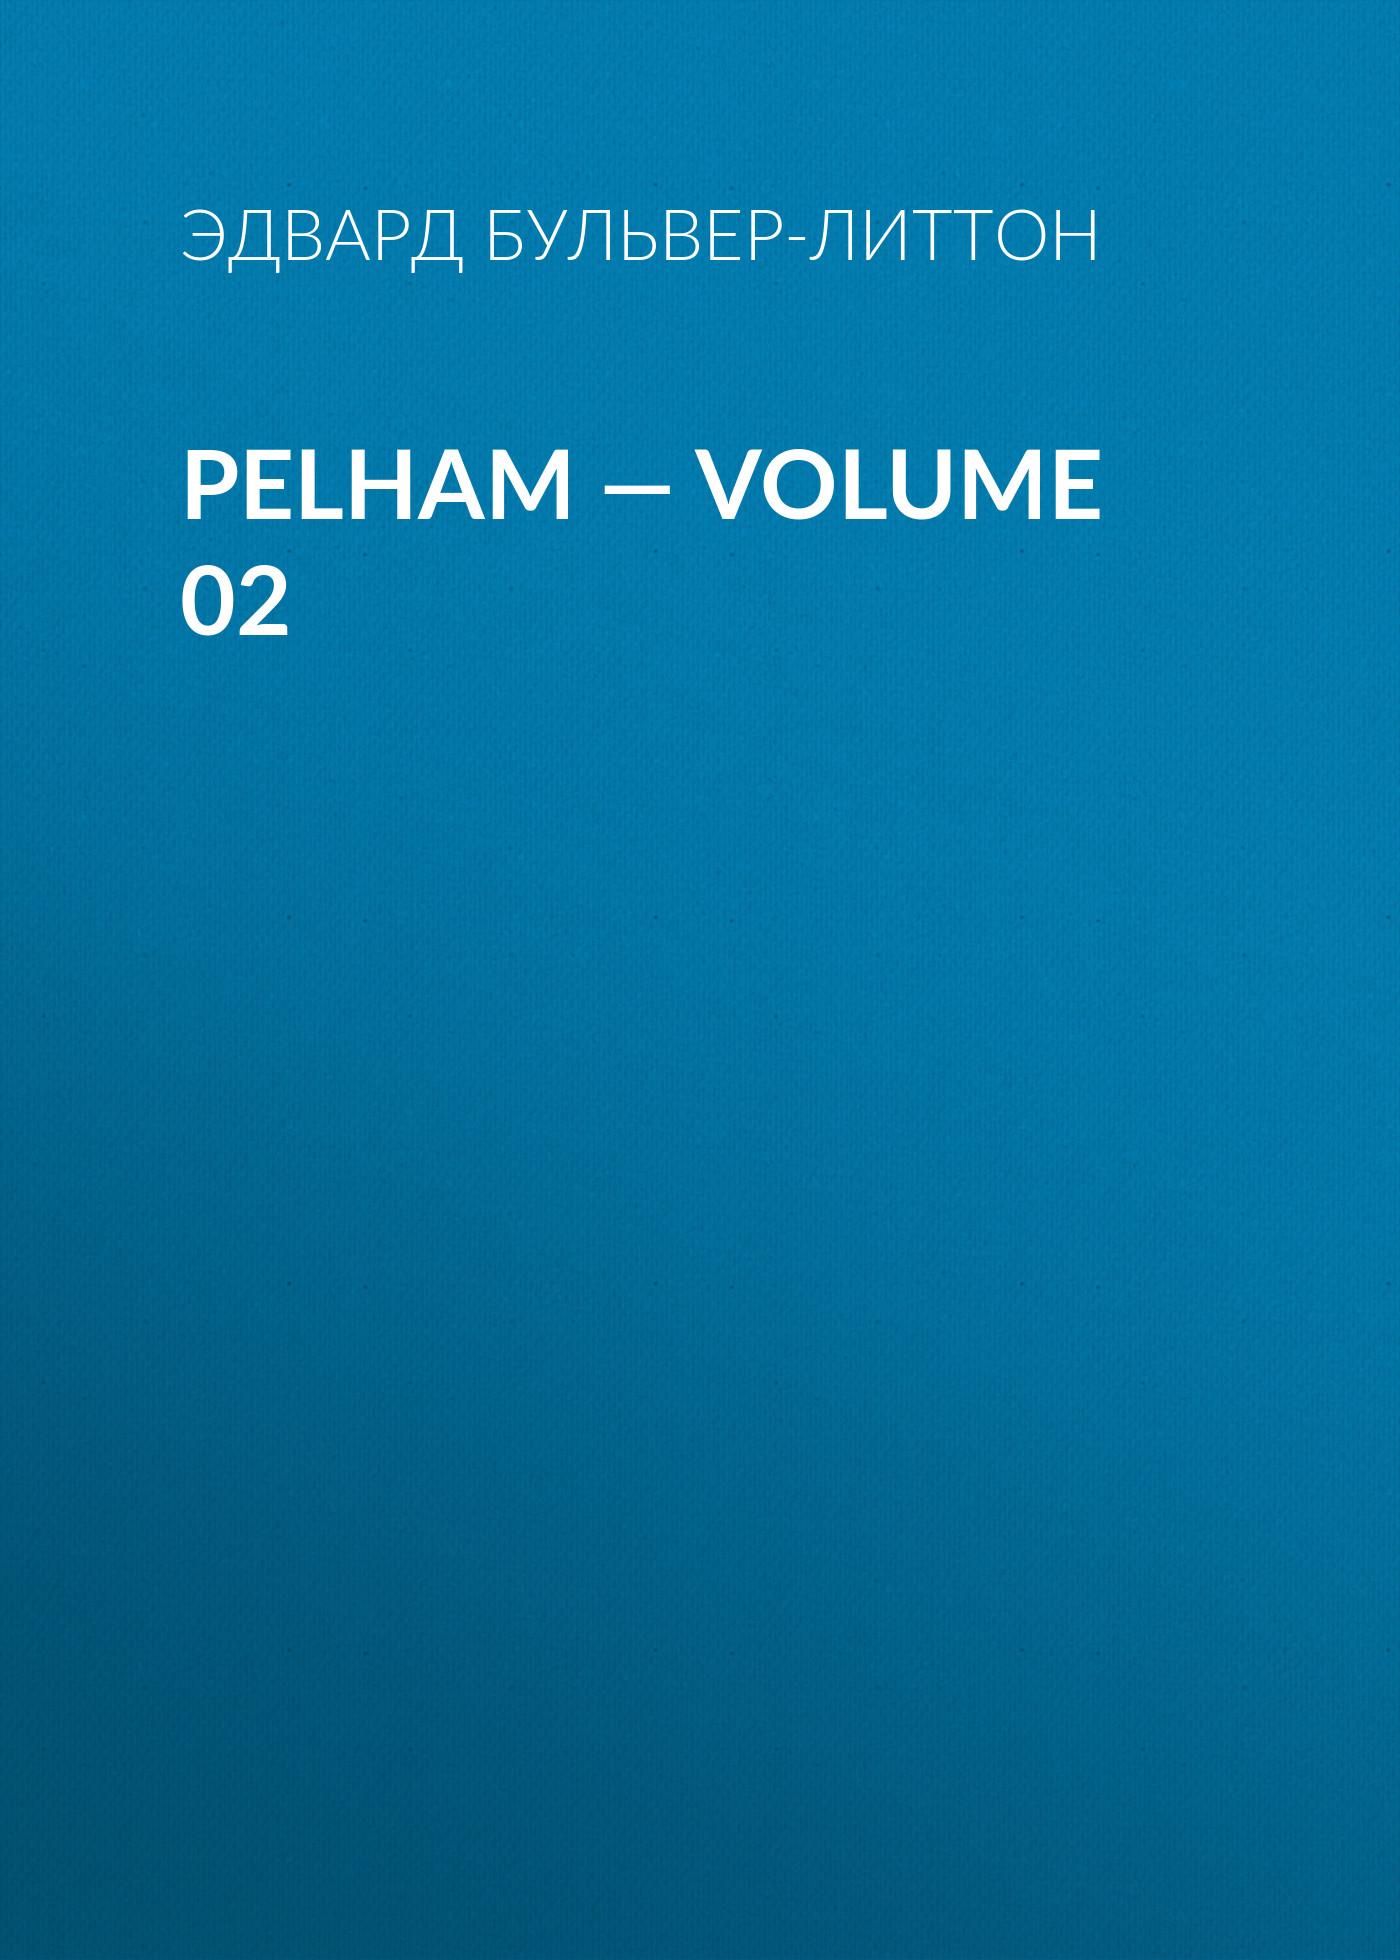 Эдвард Бульвер-Литтон Pelham — Volume 02 эдвард бульвер литтон godolphin volume 2